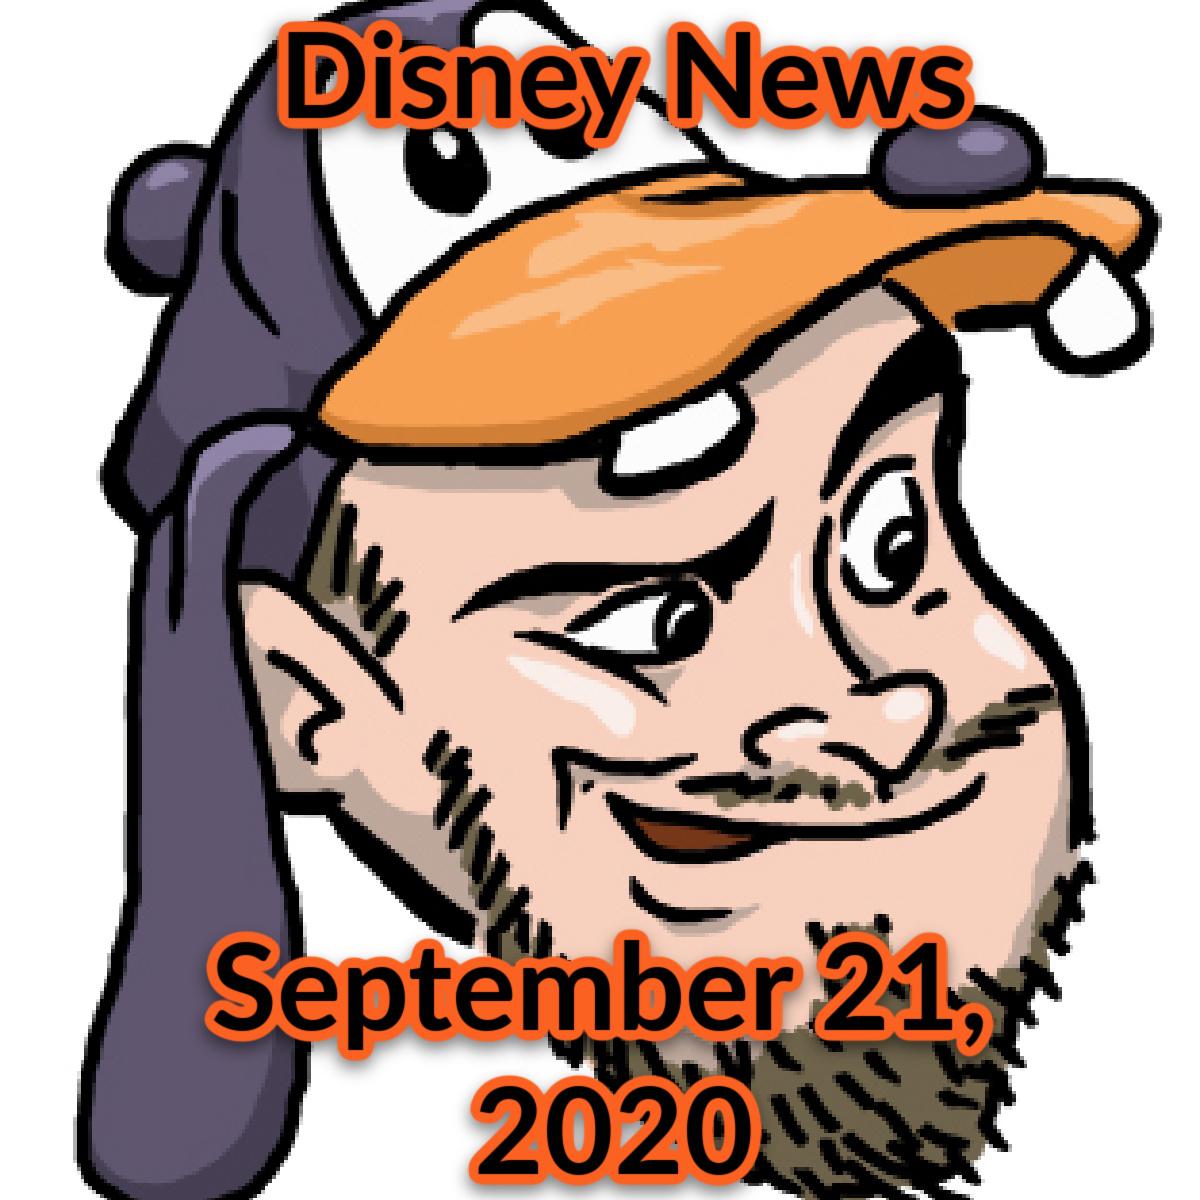 Disney News For 9/21/2020